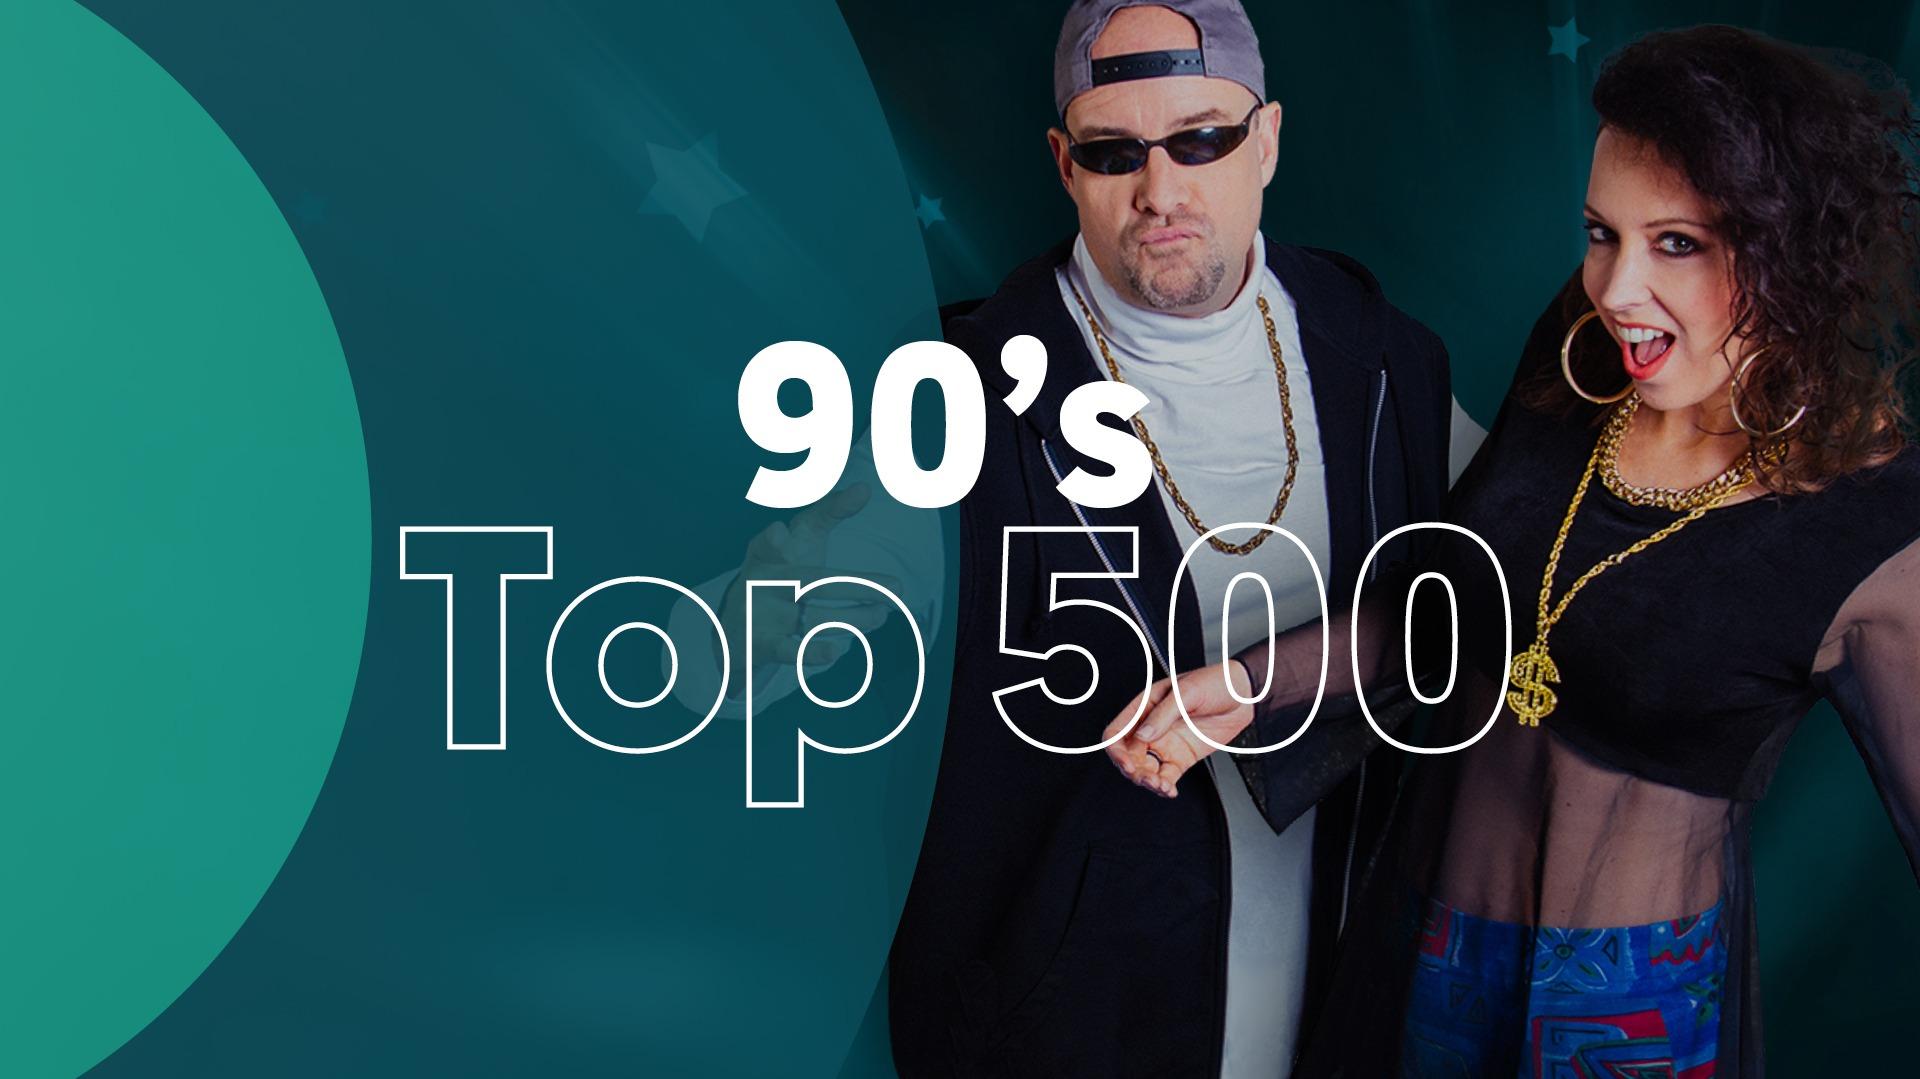 Hitlijst top 500 90s 2